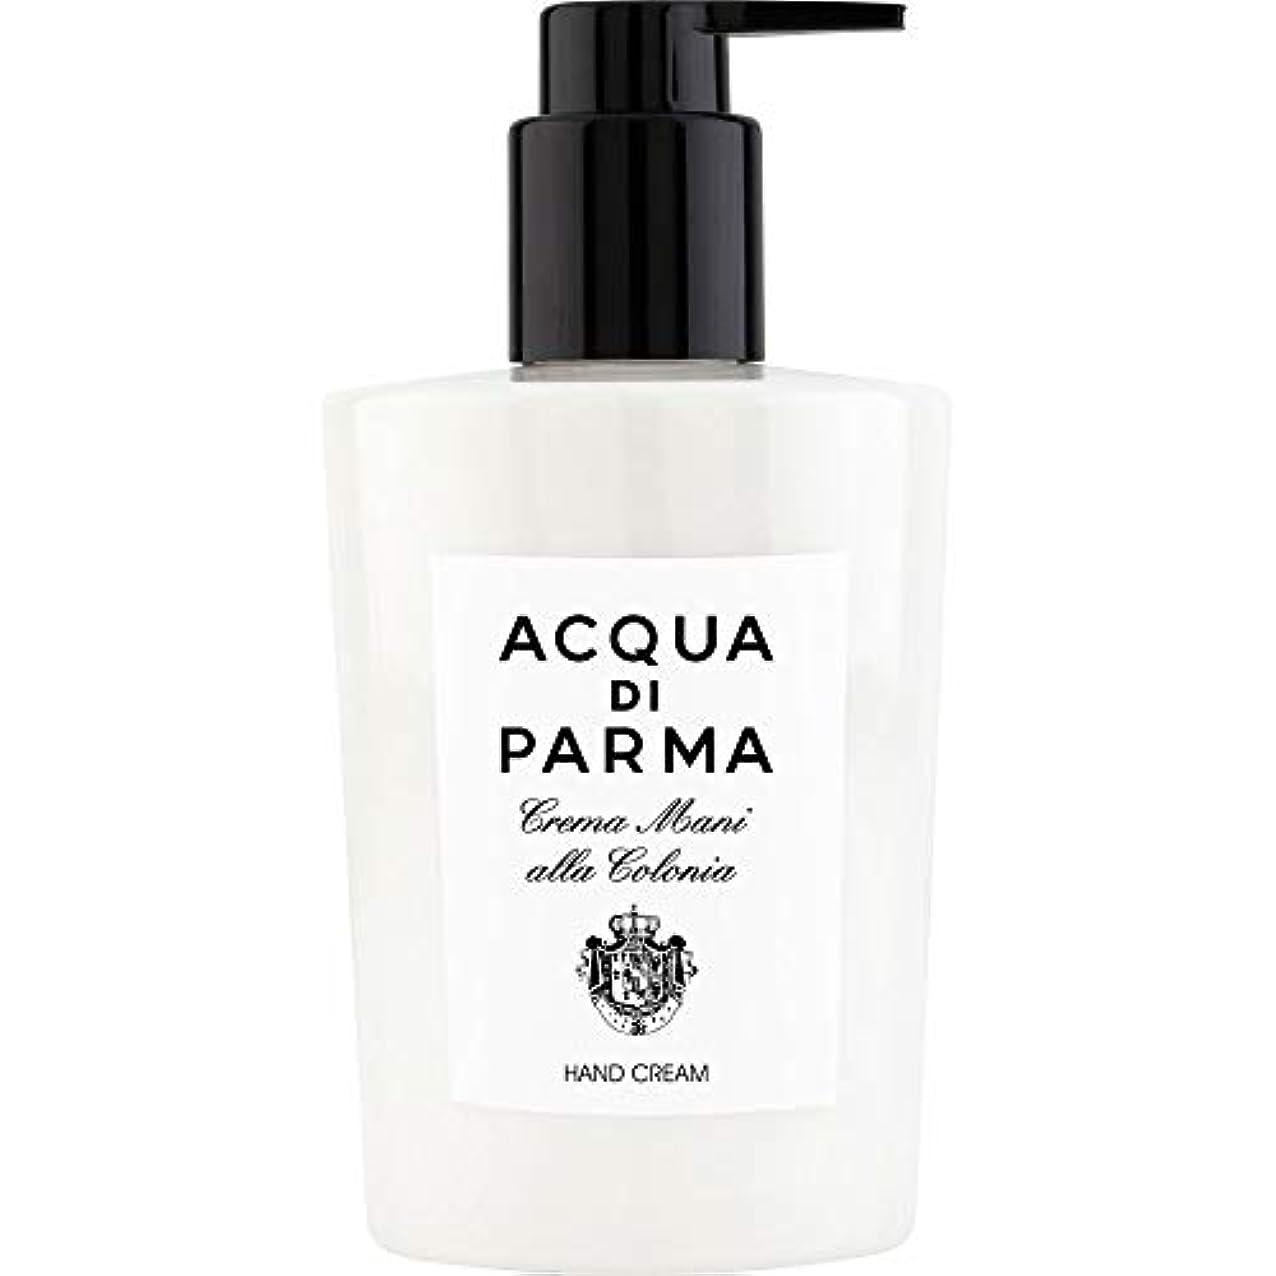 監督する表面ジャンプする[Acqua di Parma] アクアディパルマコロニアのハンドクリーム300ミリリットル - Acqua di Parma Colonia Hand Cream 300ml [並行輸入品]